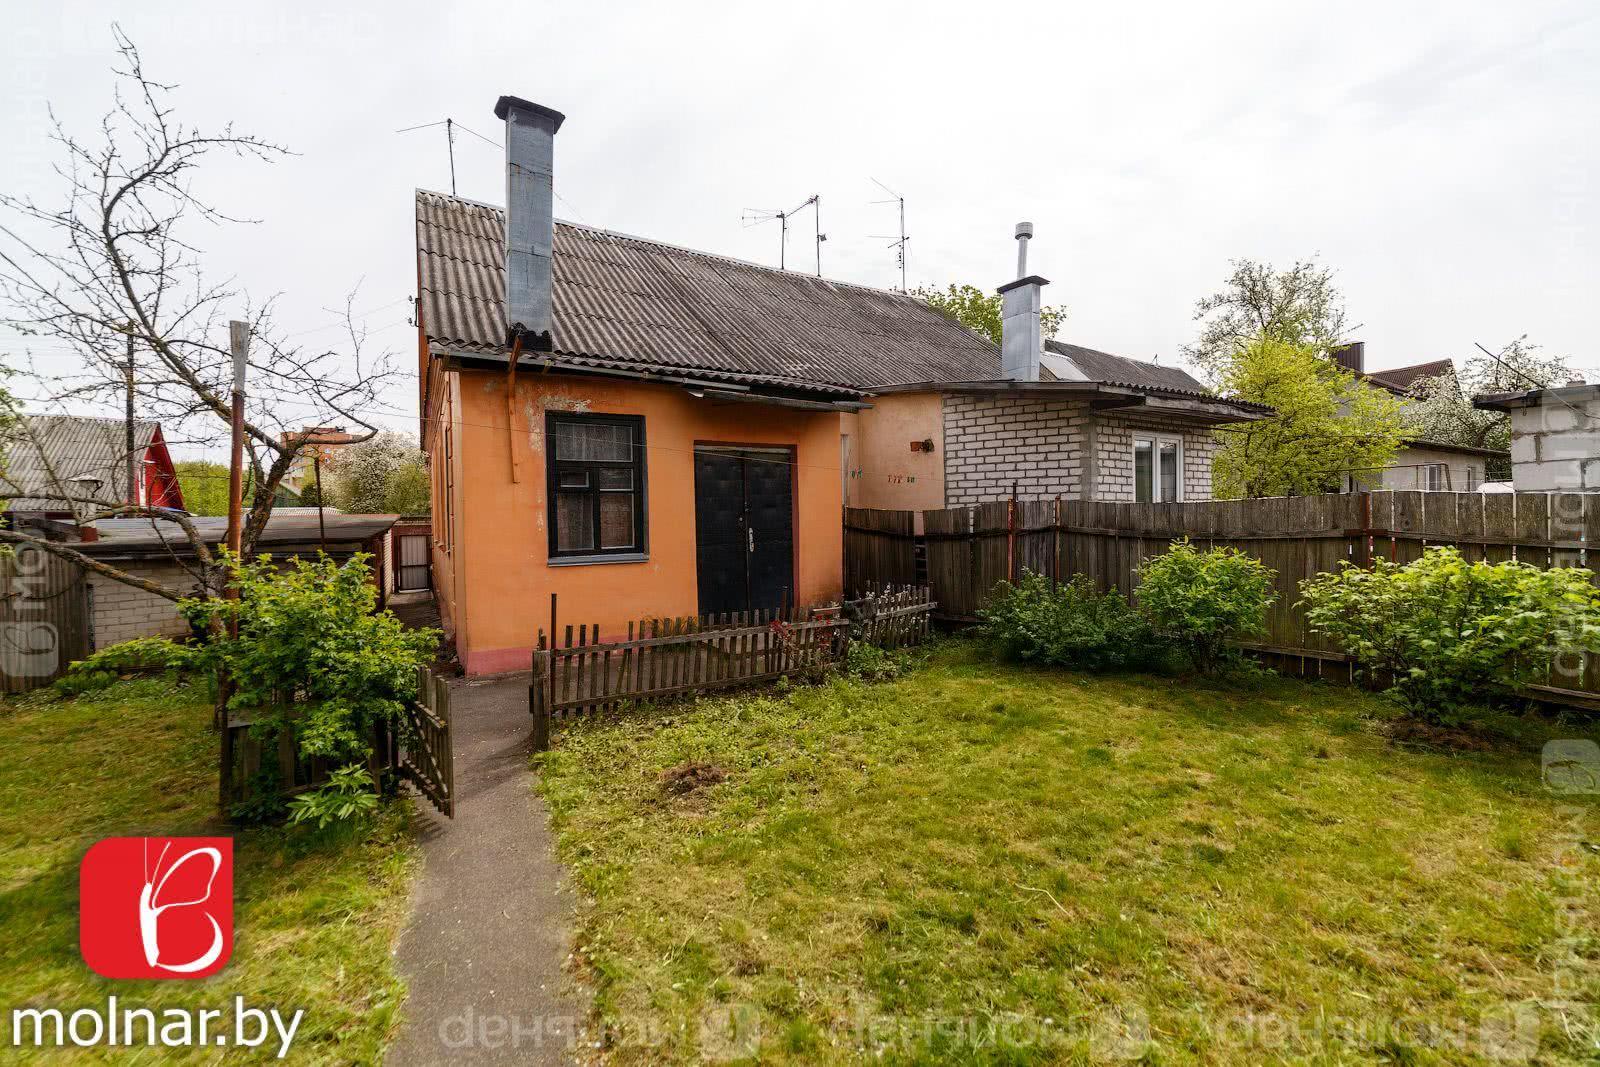 Продажа полдома в 2-этажном доме в Минске, пер. Орловский 3-й - фото 2